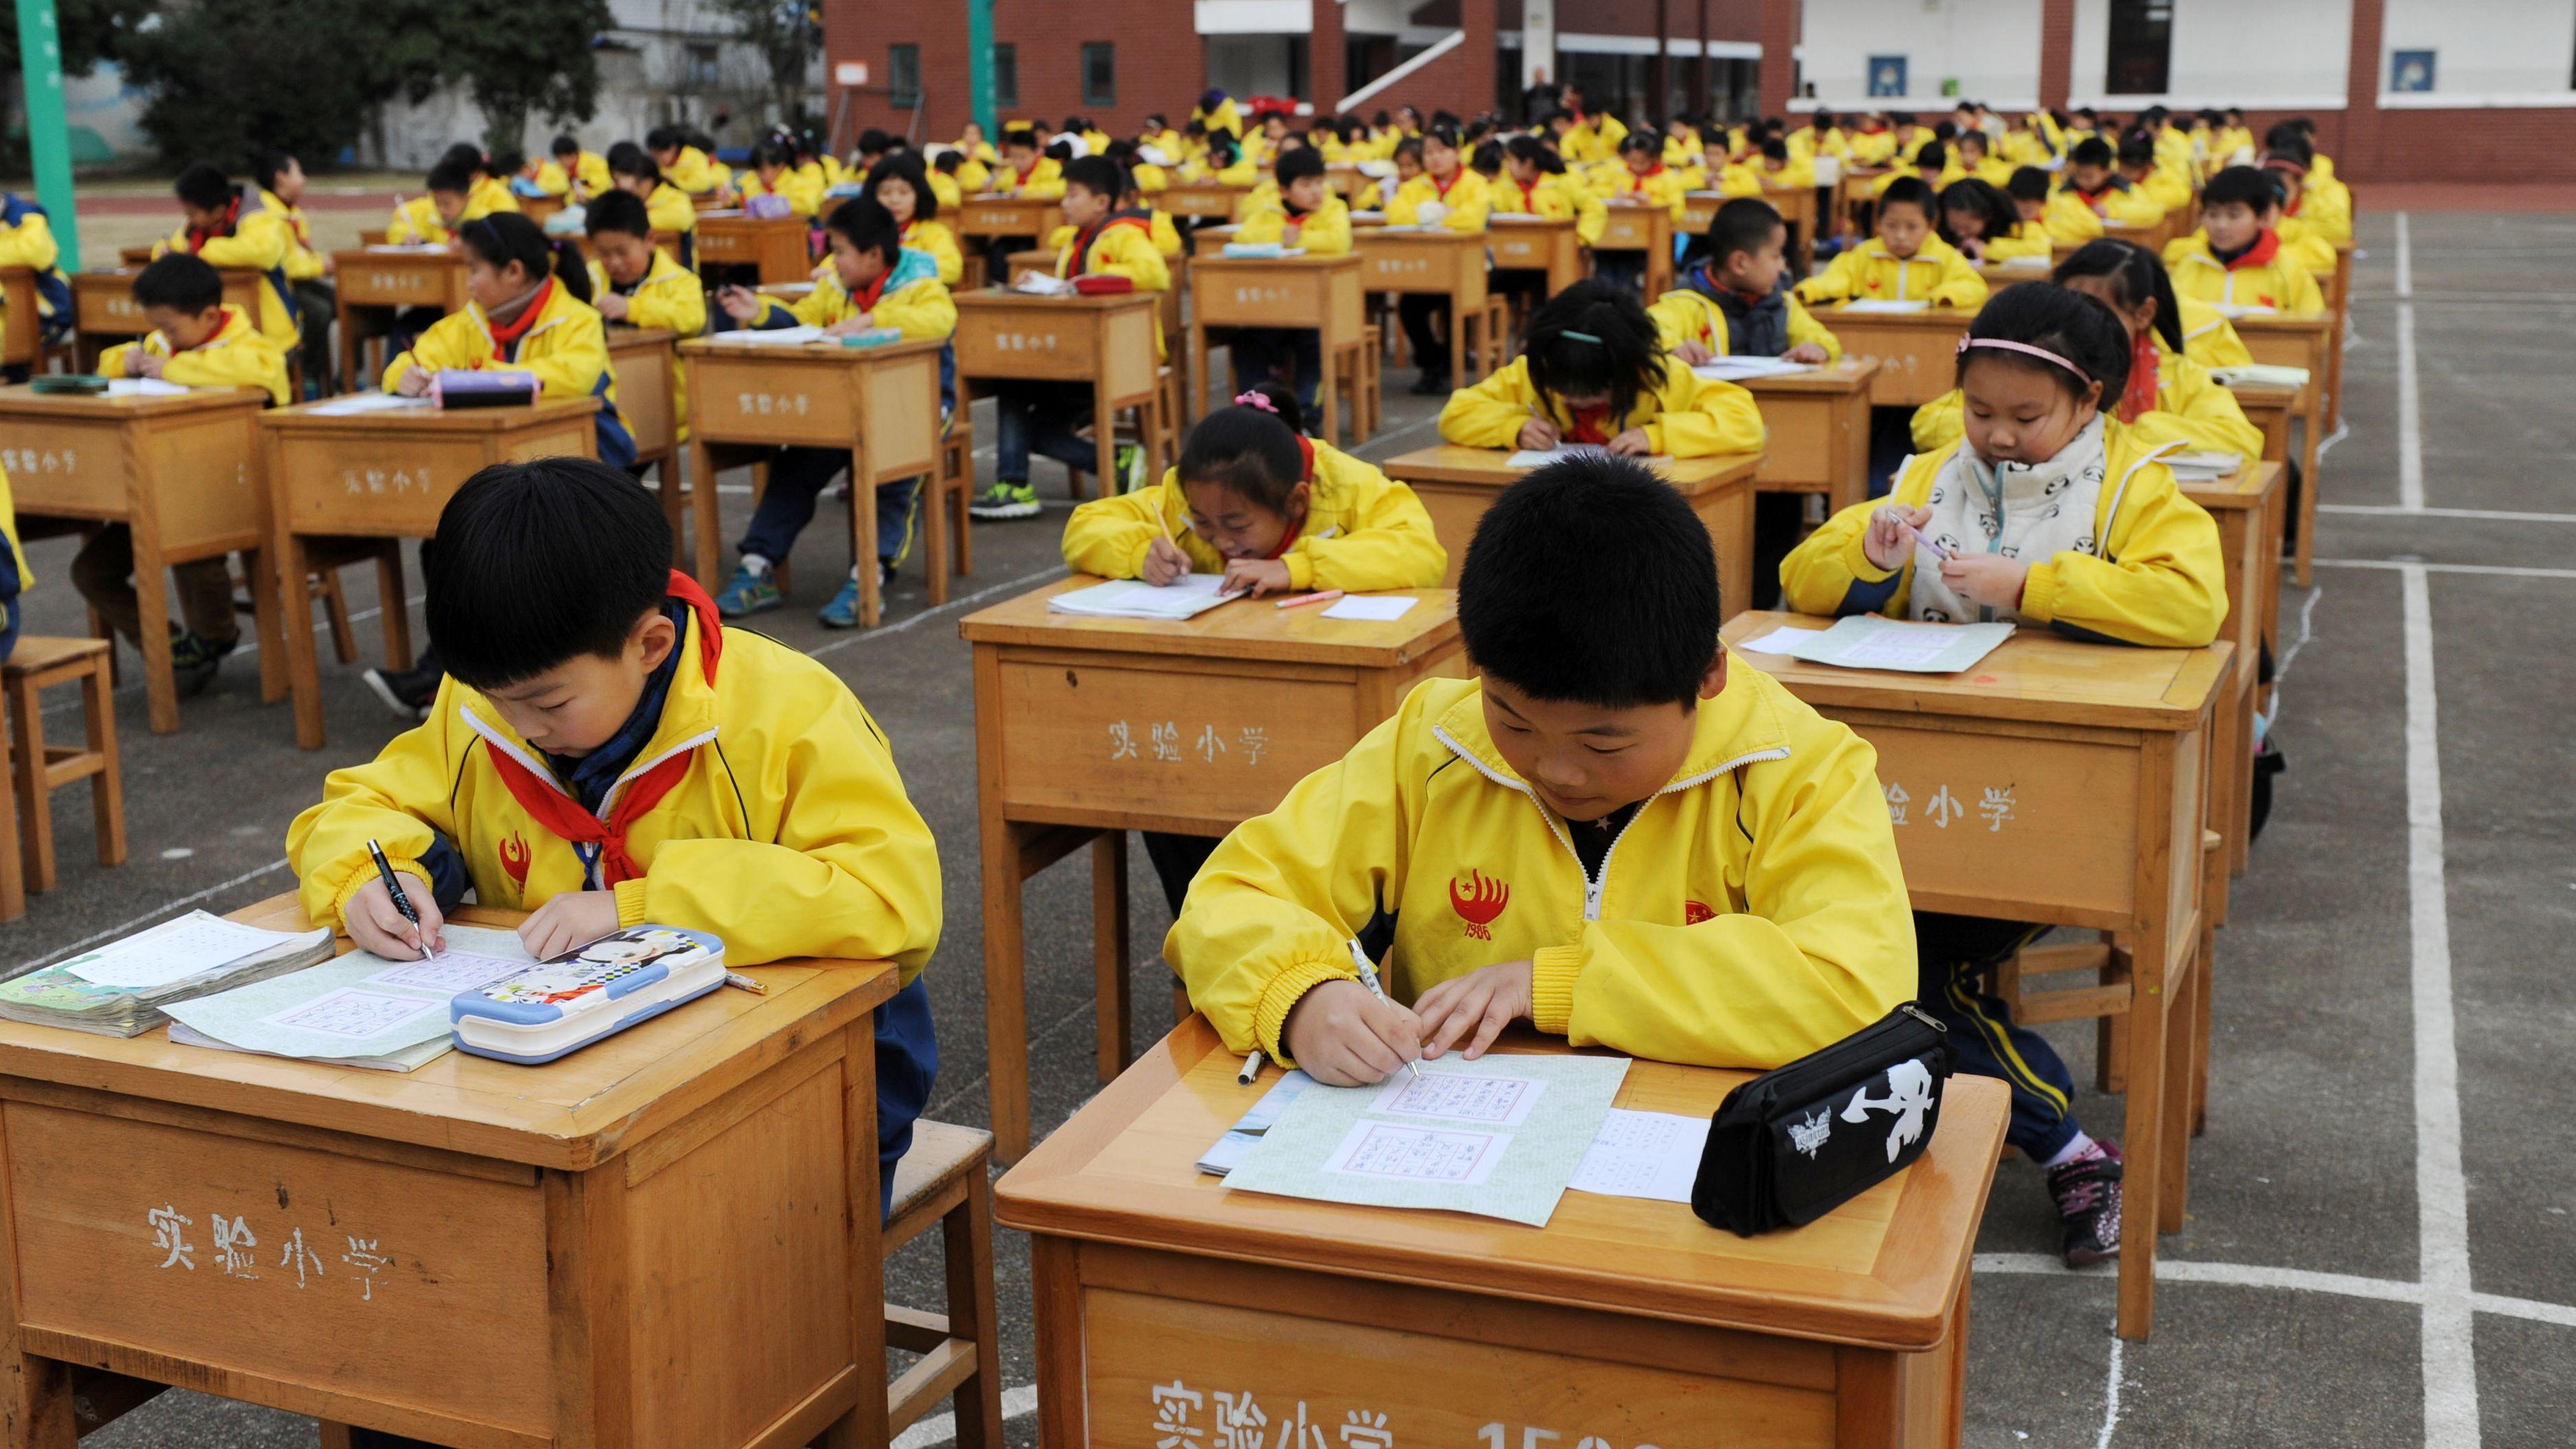 過熱する中国の英才教育、怪しげな「DNA才能検査」が流行る理由